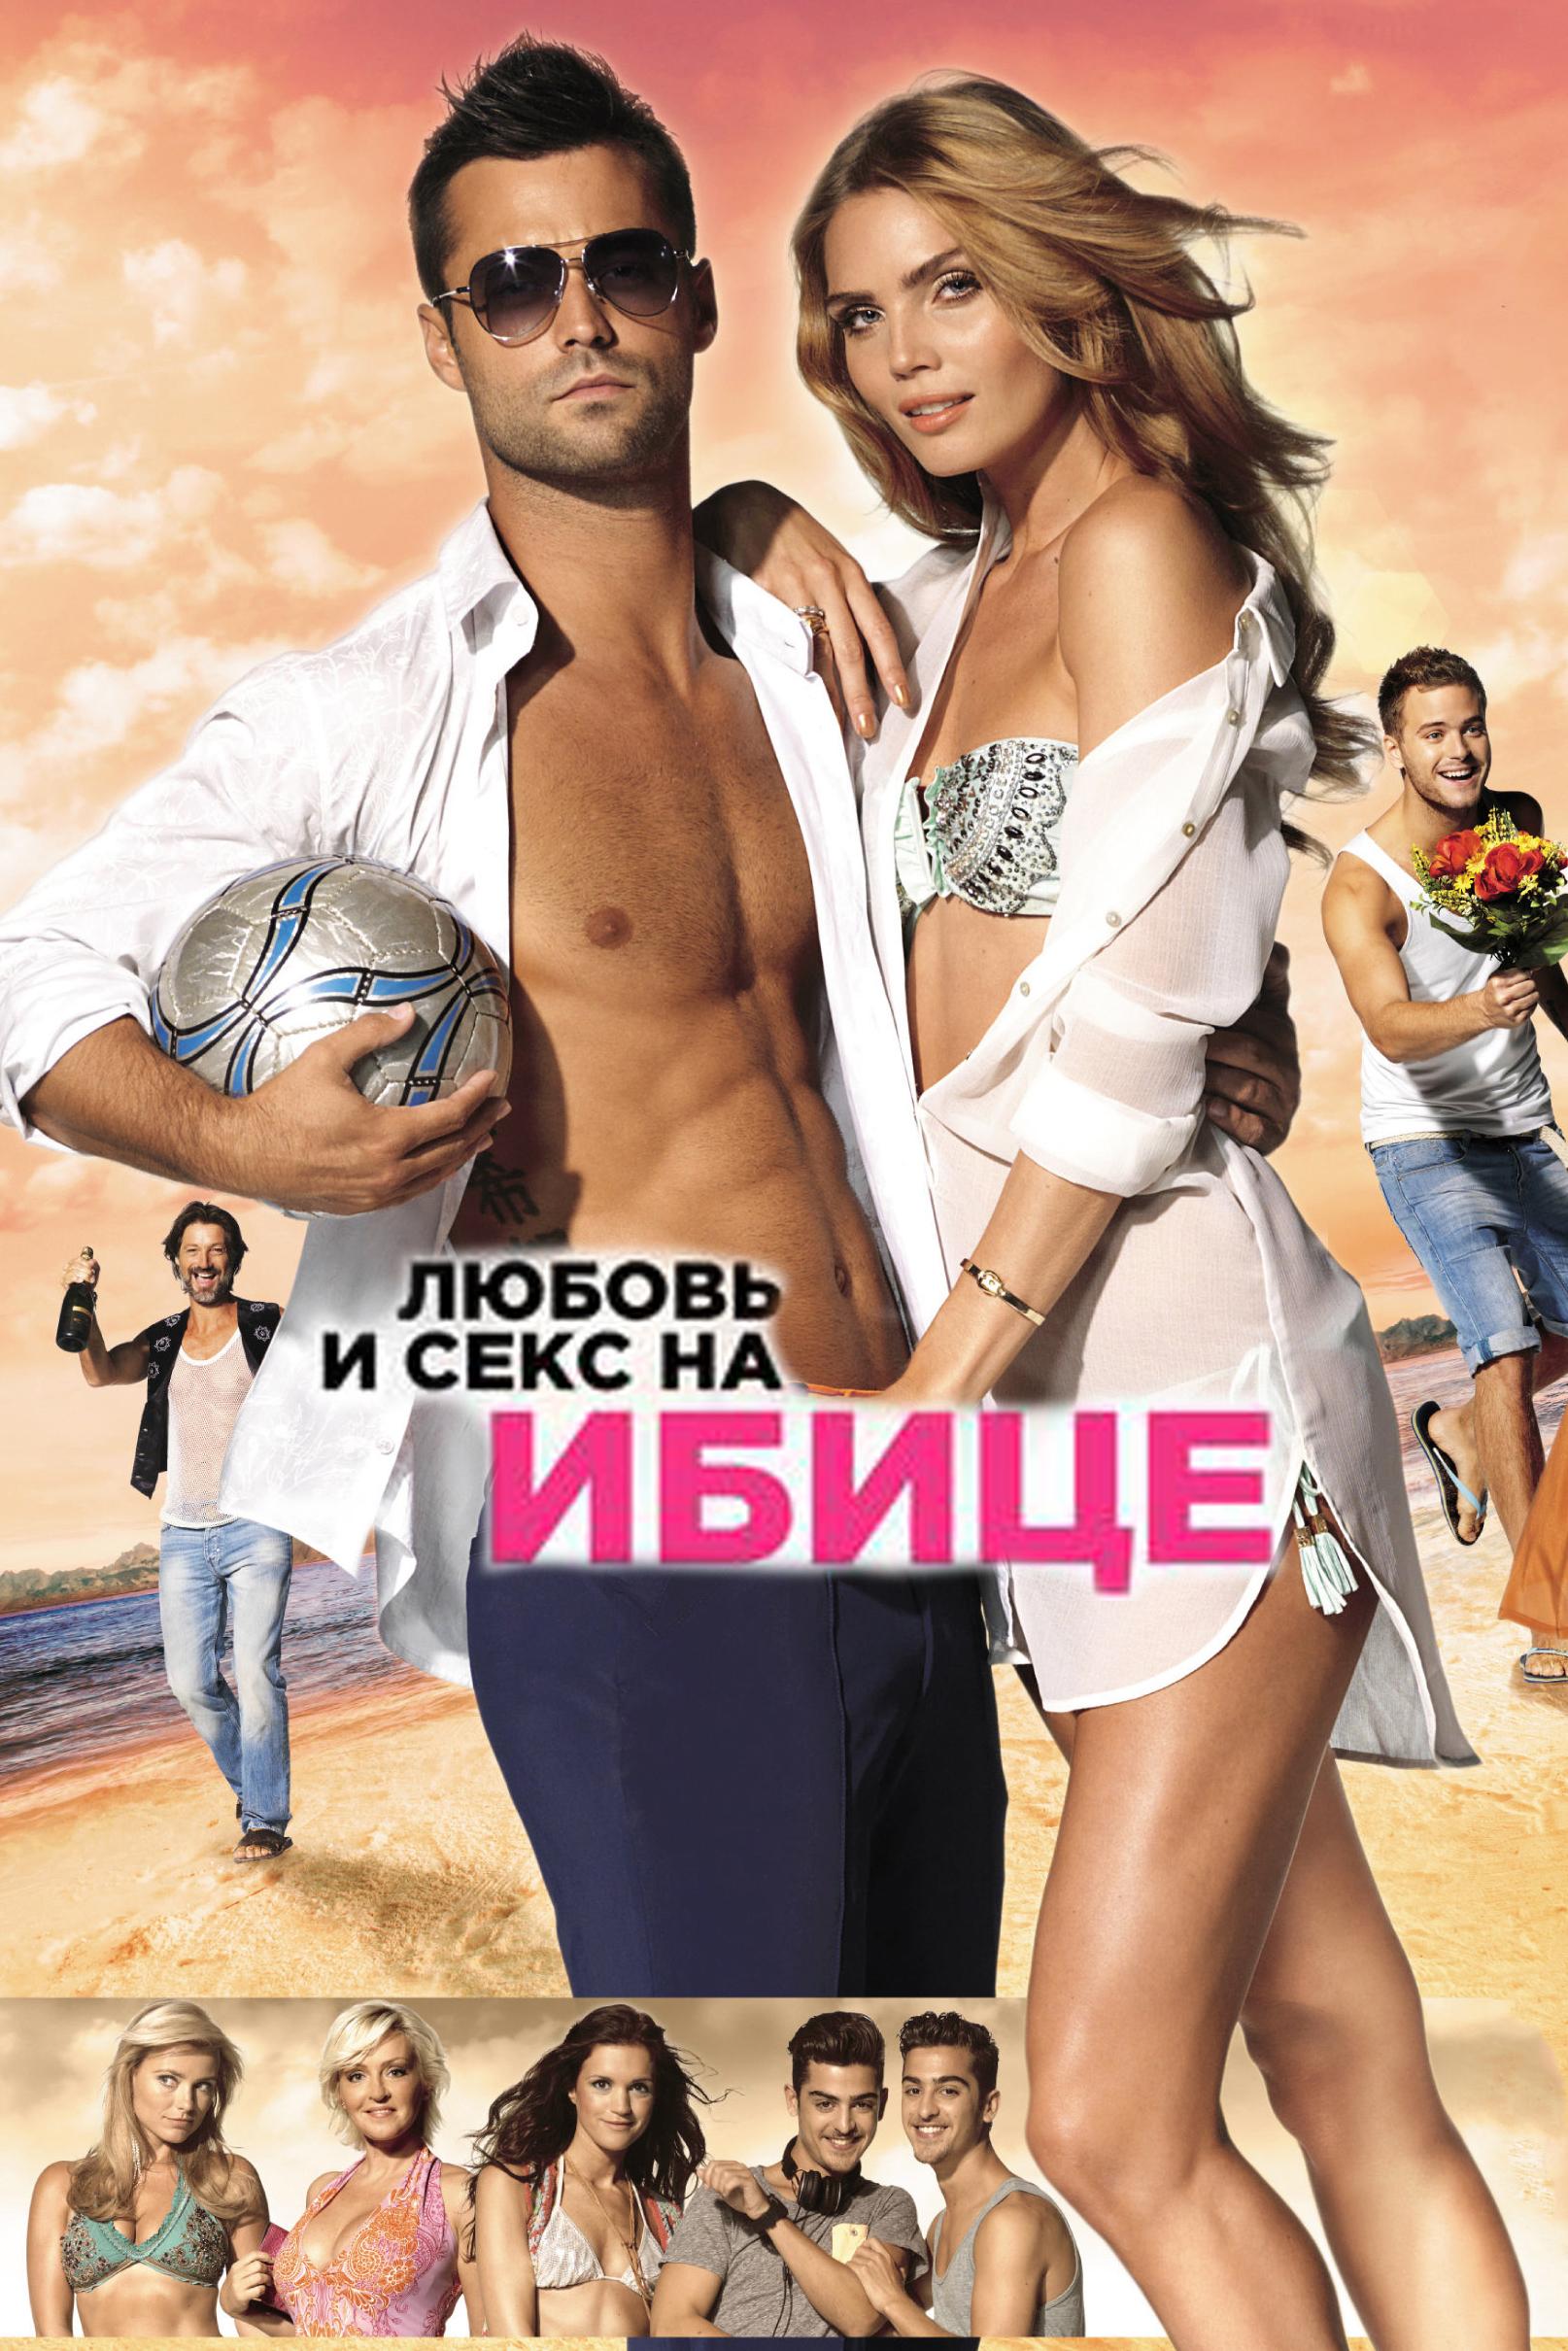 Смотреть фильм бесплатно любовь и секс на ибице